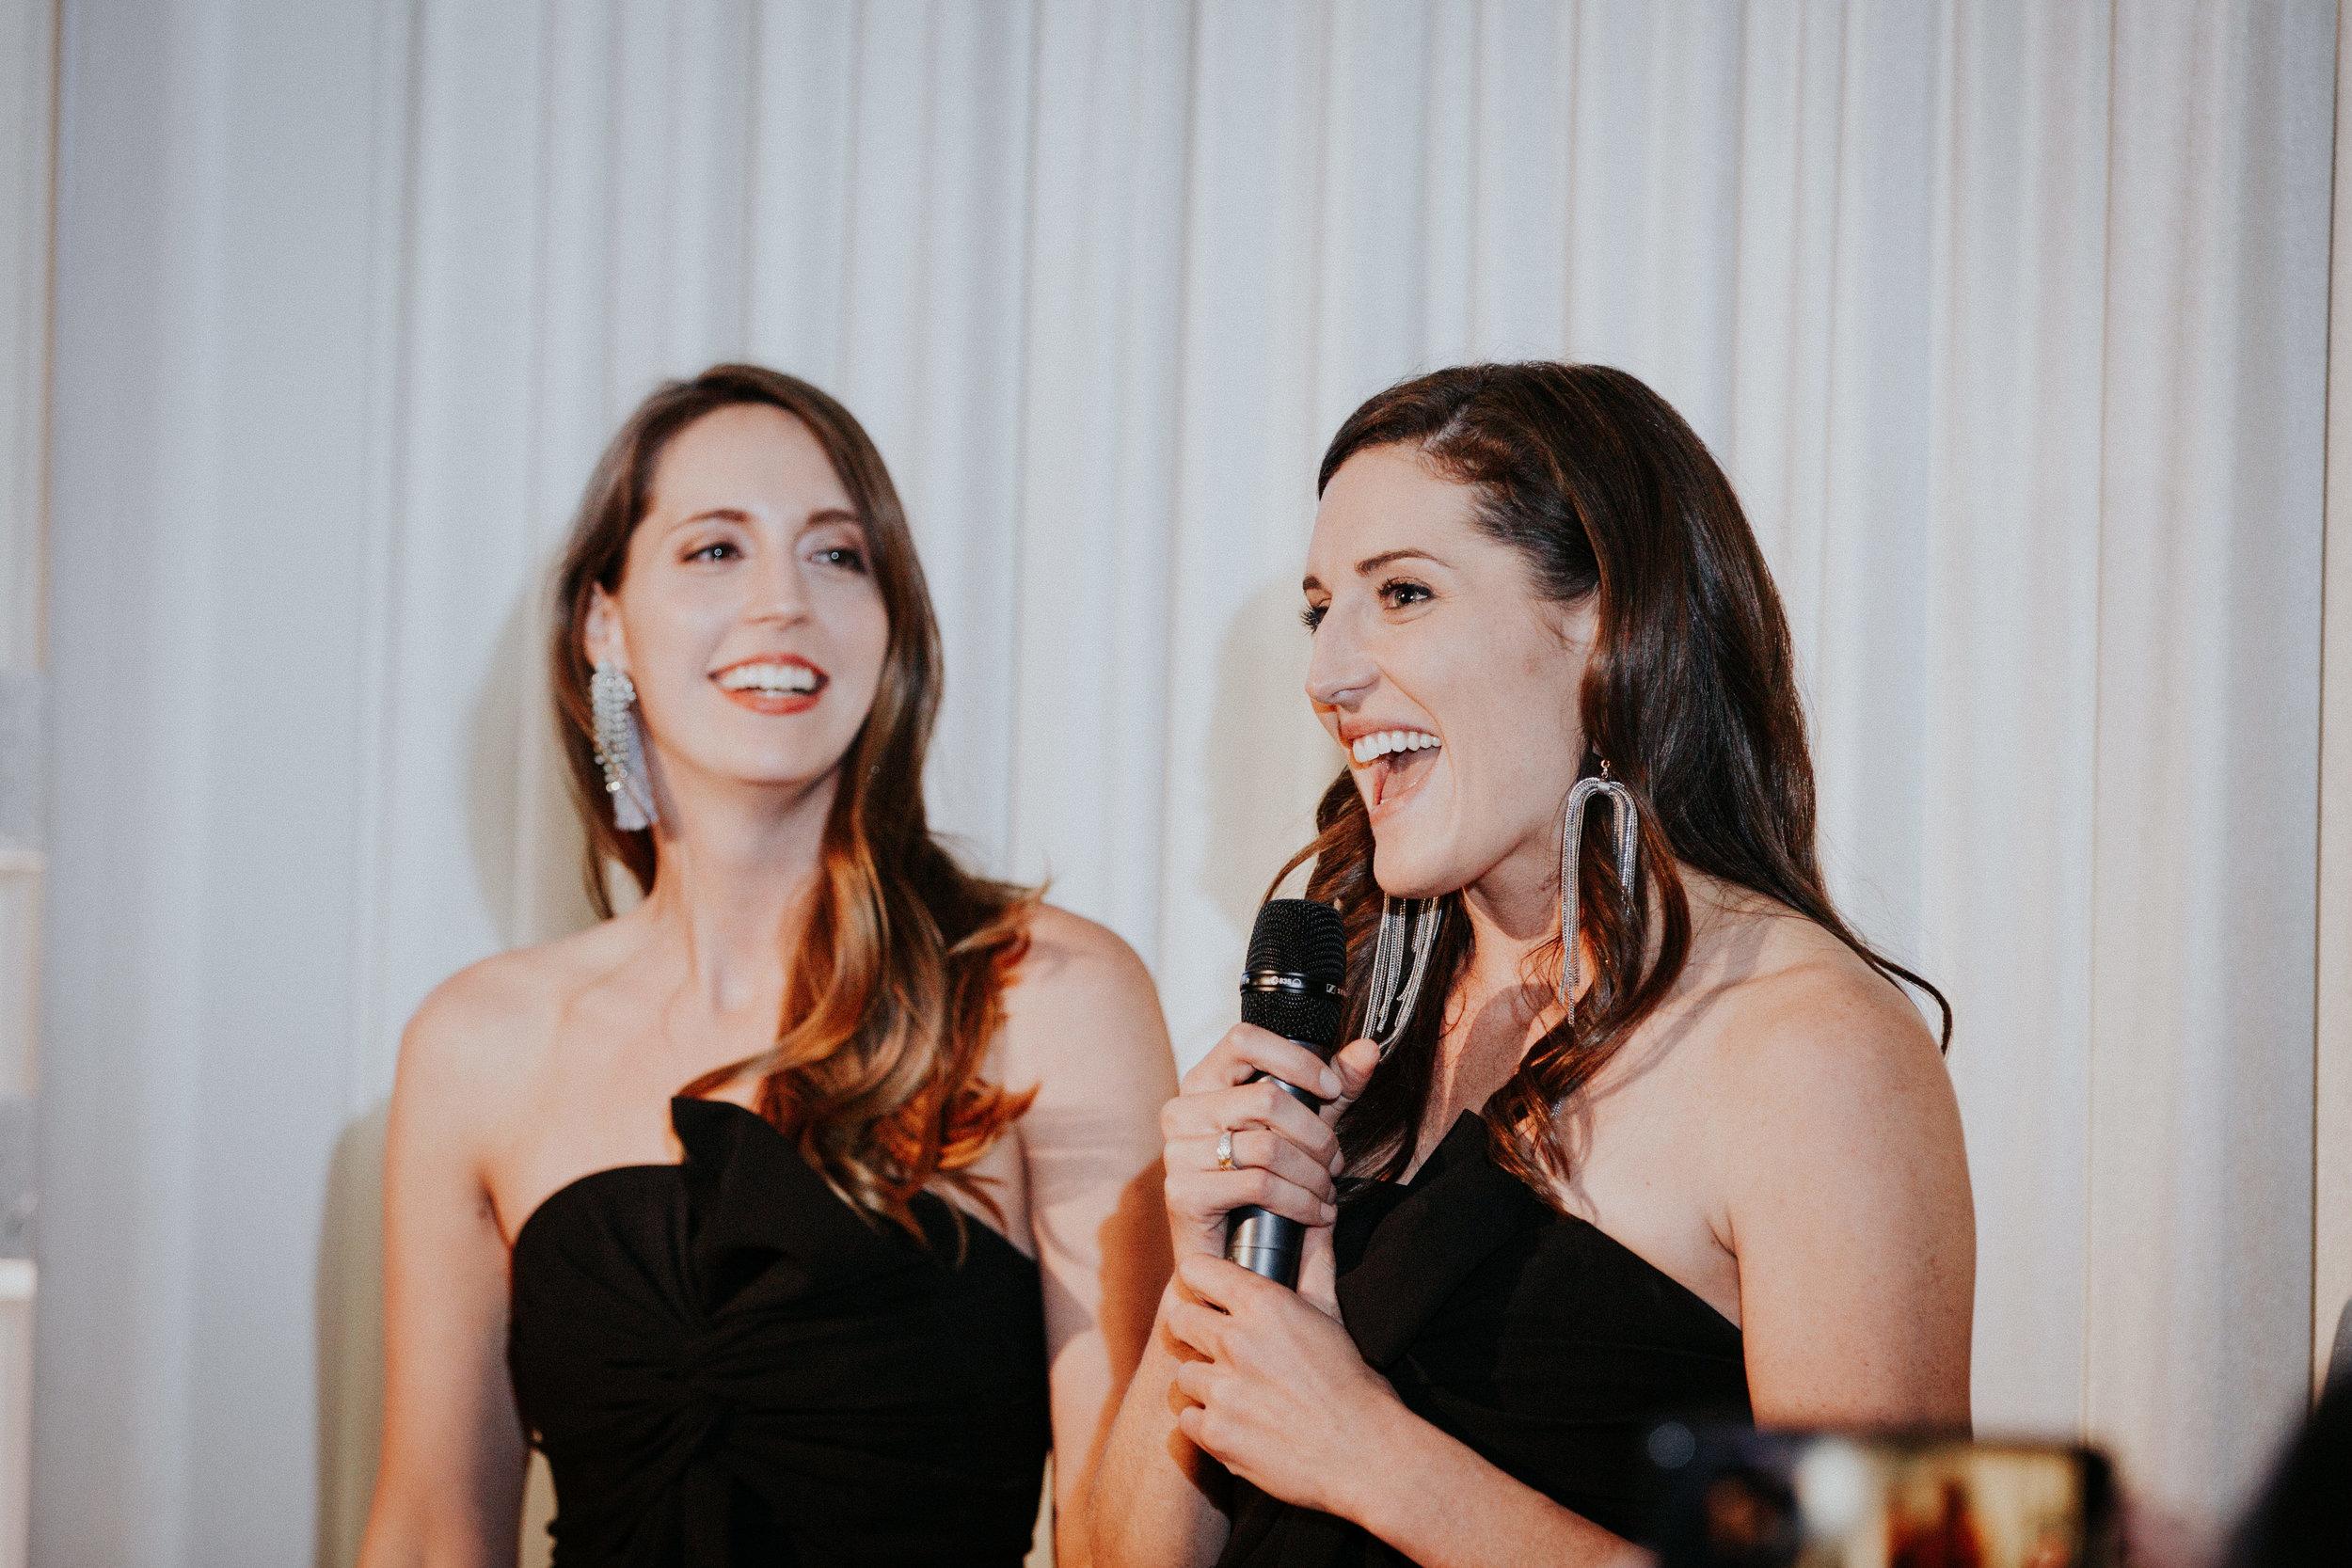 candid style wedding photographers chicago illinois